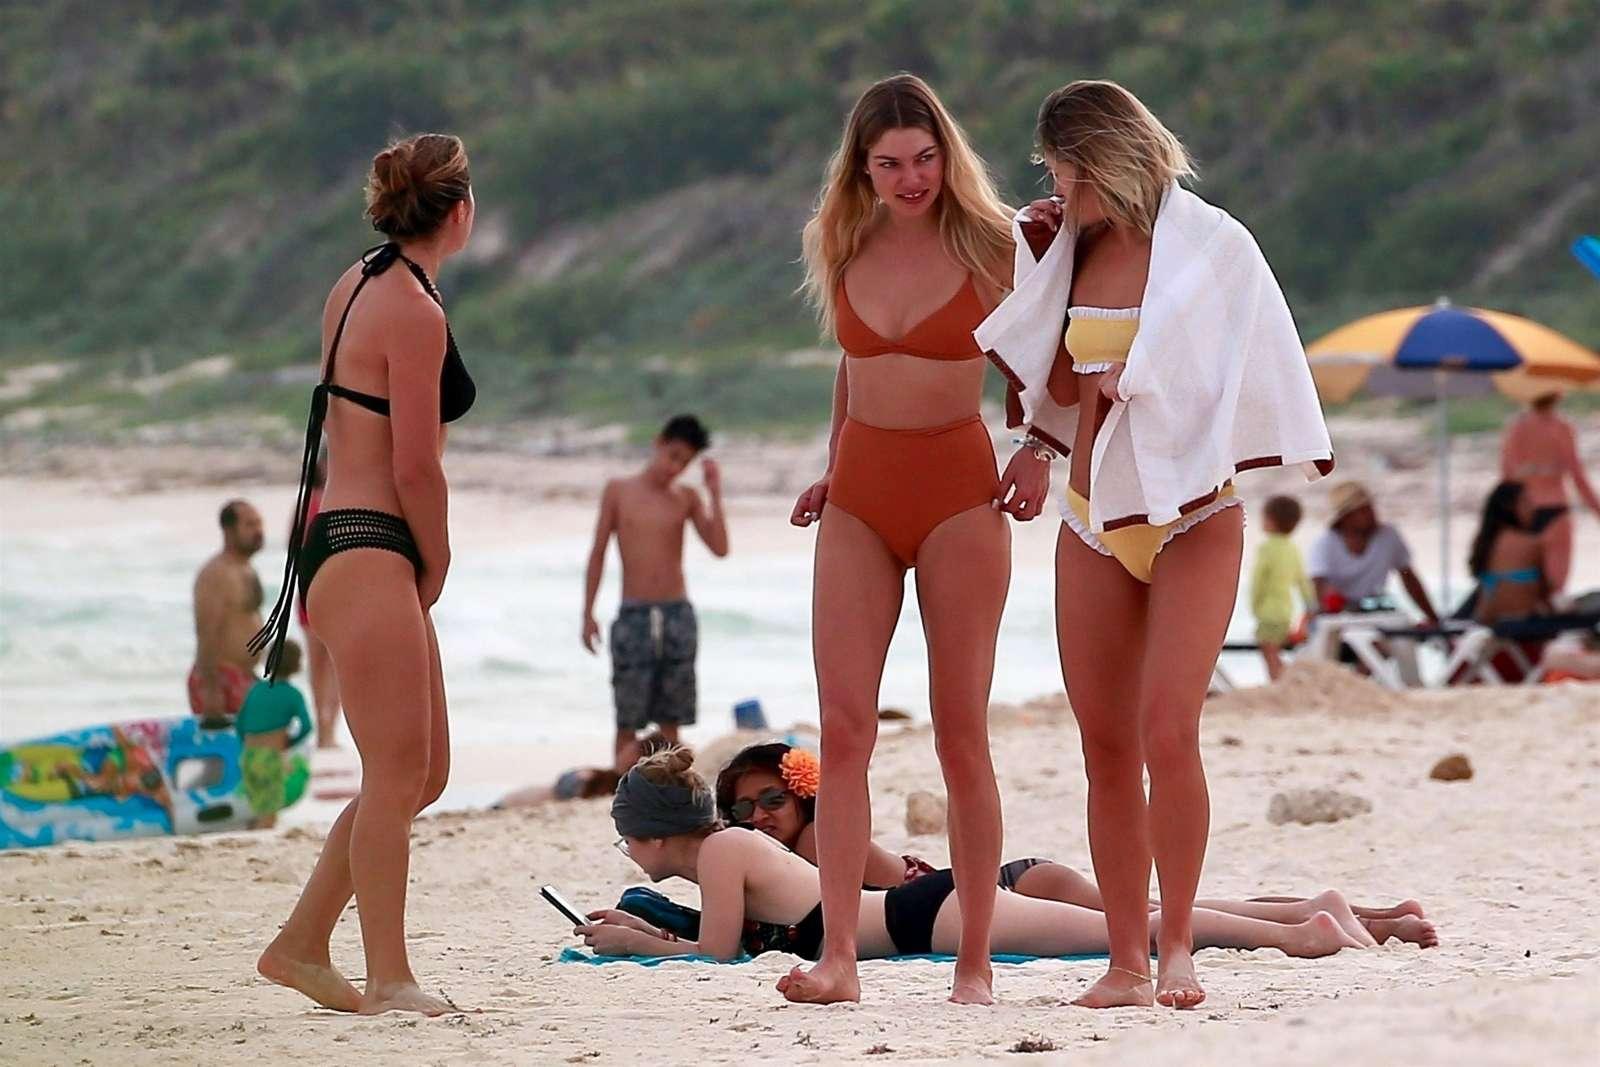 Jessica Hart 2018 : Jessica and Ashley Hart in Bikini 2018 -14